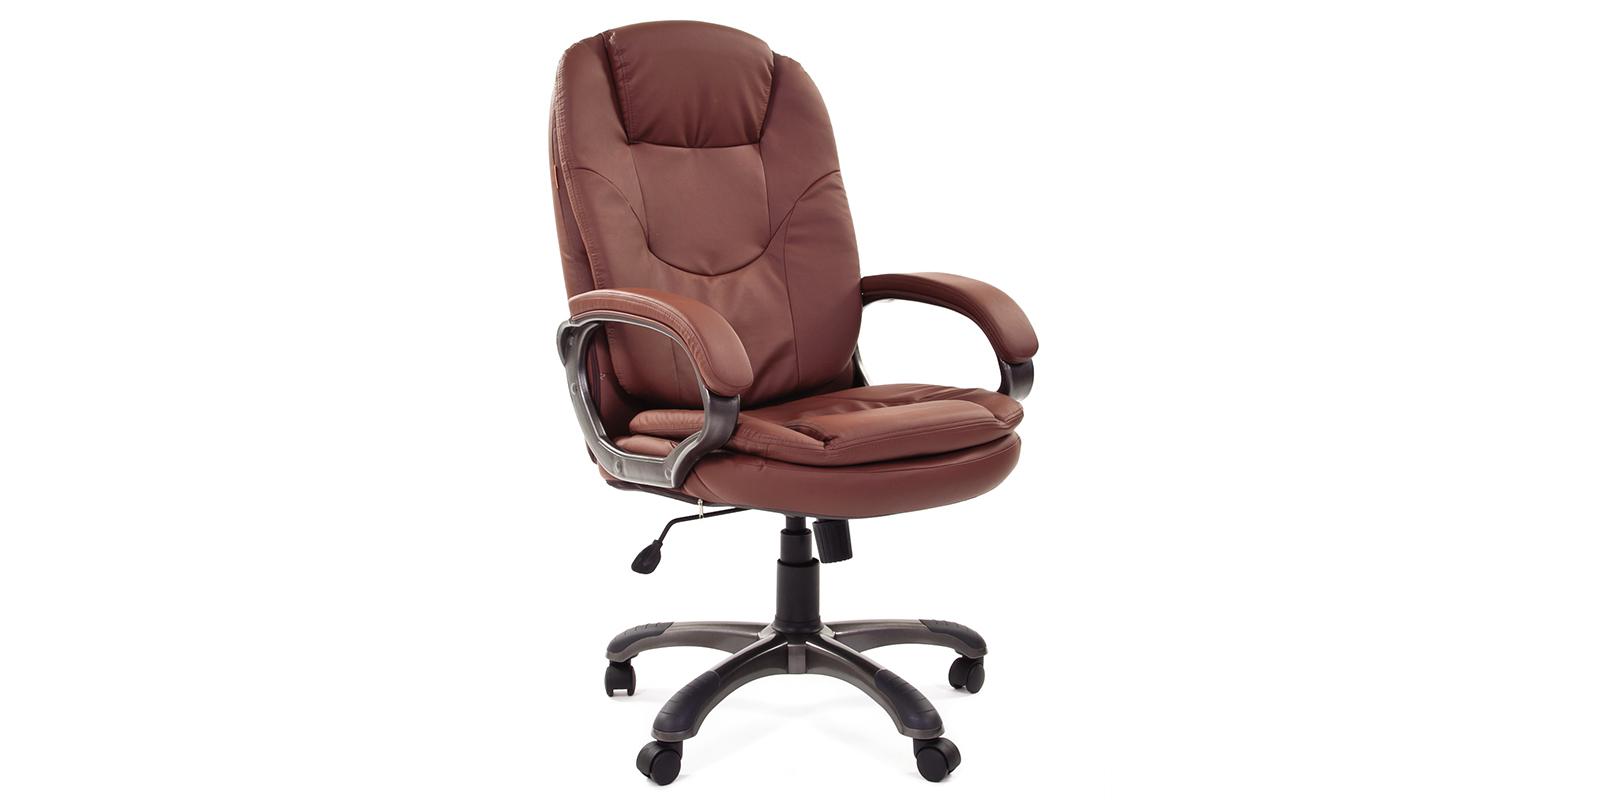 Кресло для руководителя Chairman 668 вариант №1 (коричневый)